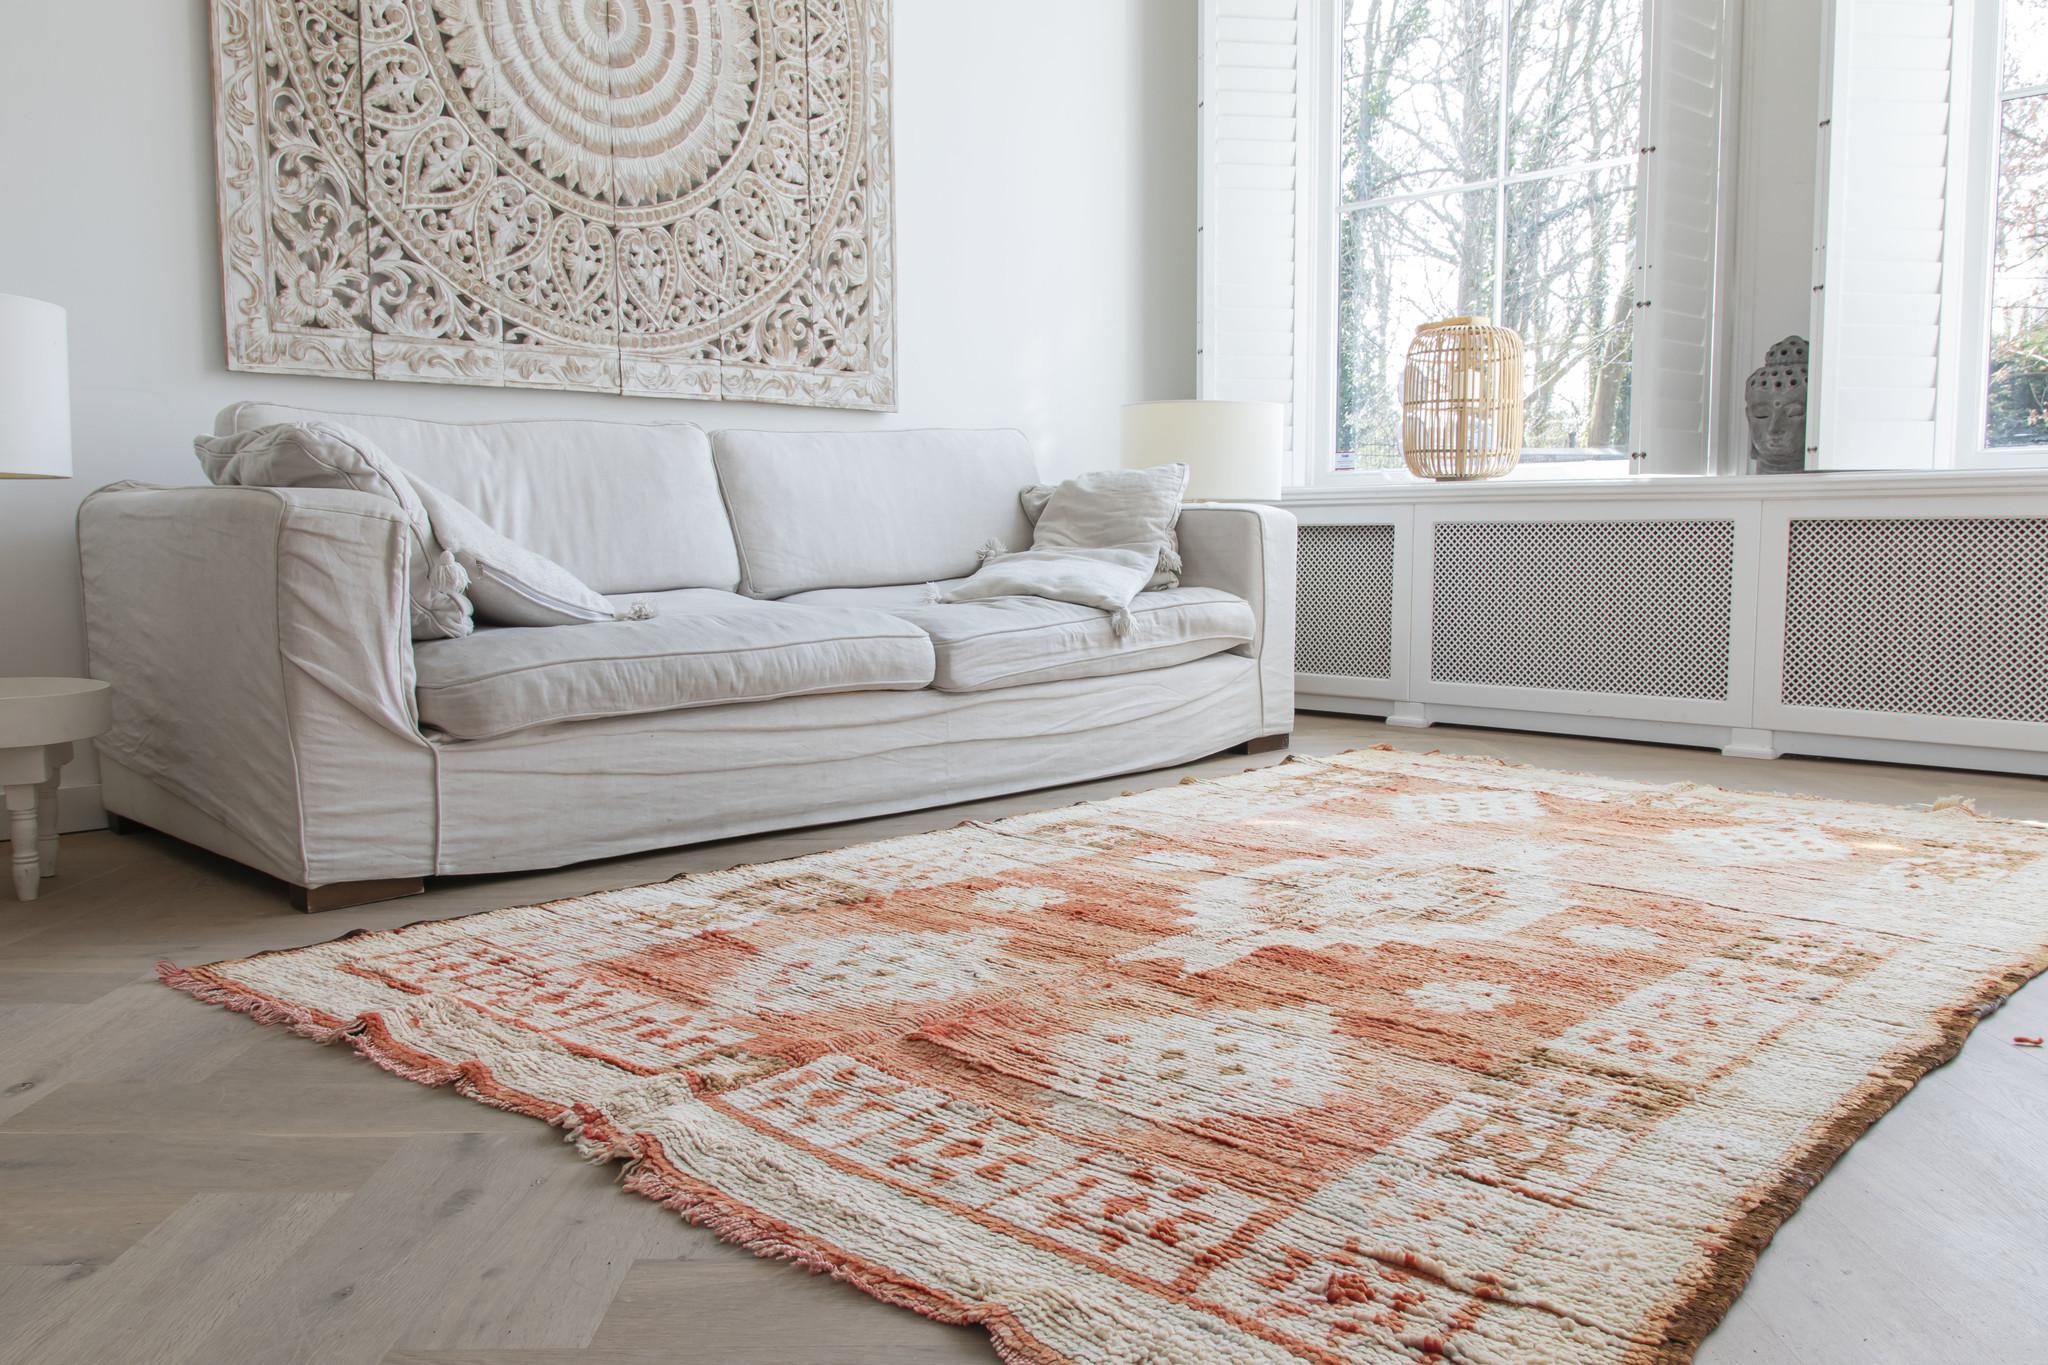 Simply Pure Handgemaakt vintage Boujaad berber vloerkleed uit Marokko 193 x 285 cm